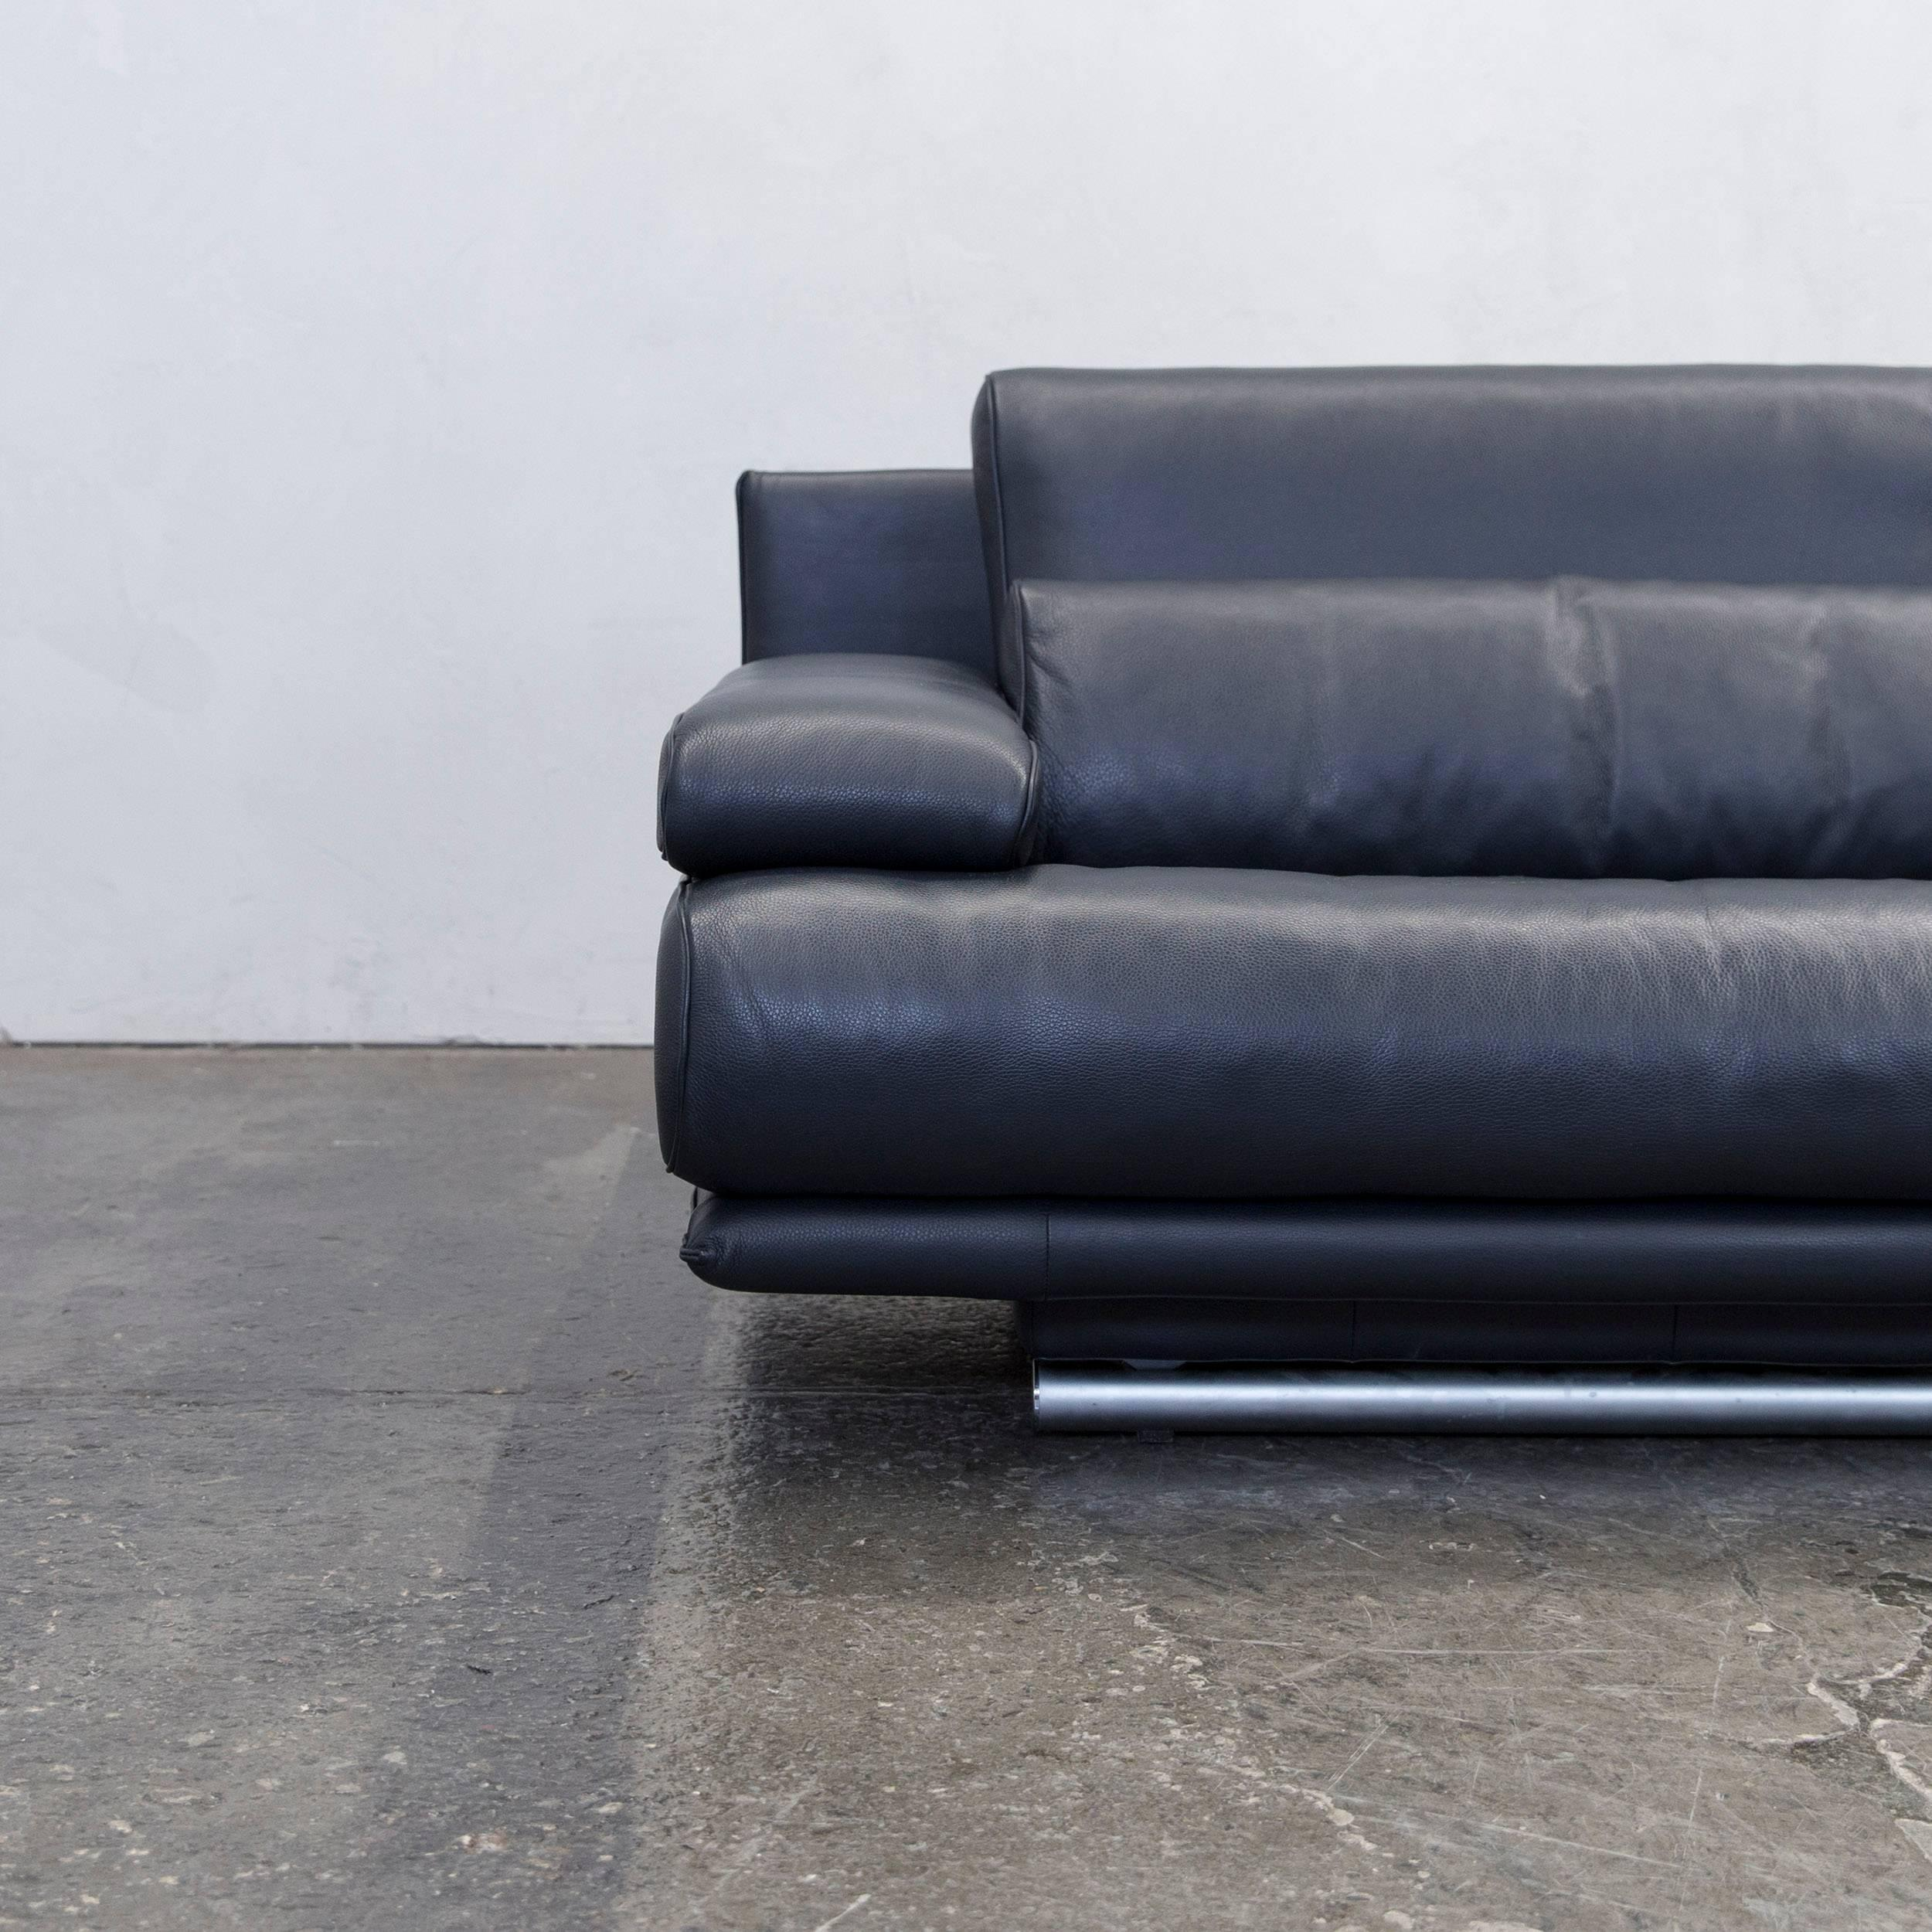 leder kautsch best amazing perfect echtes leder sofa. Black Bedroom Furniture Sets. Home Design Ideas